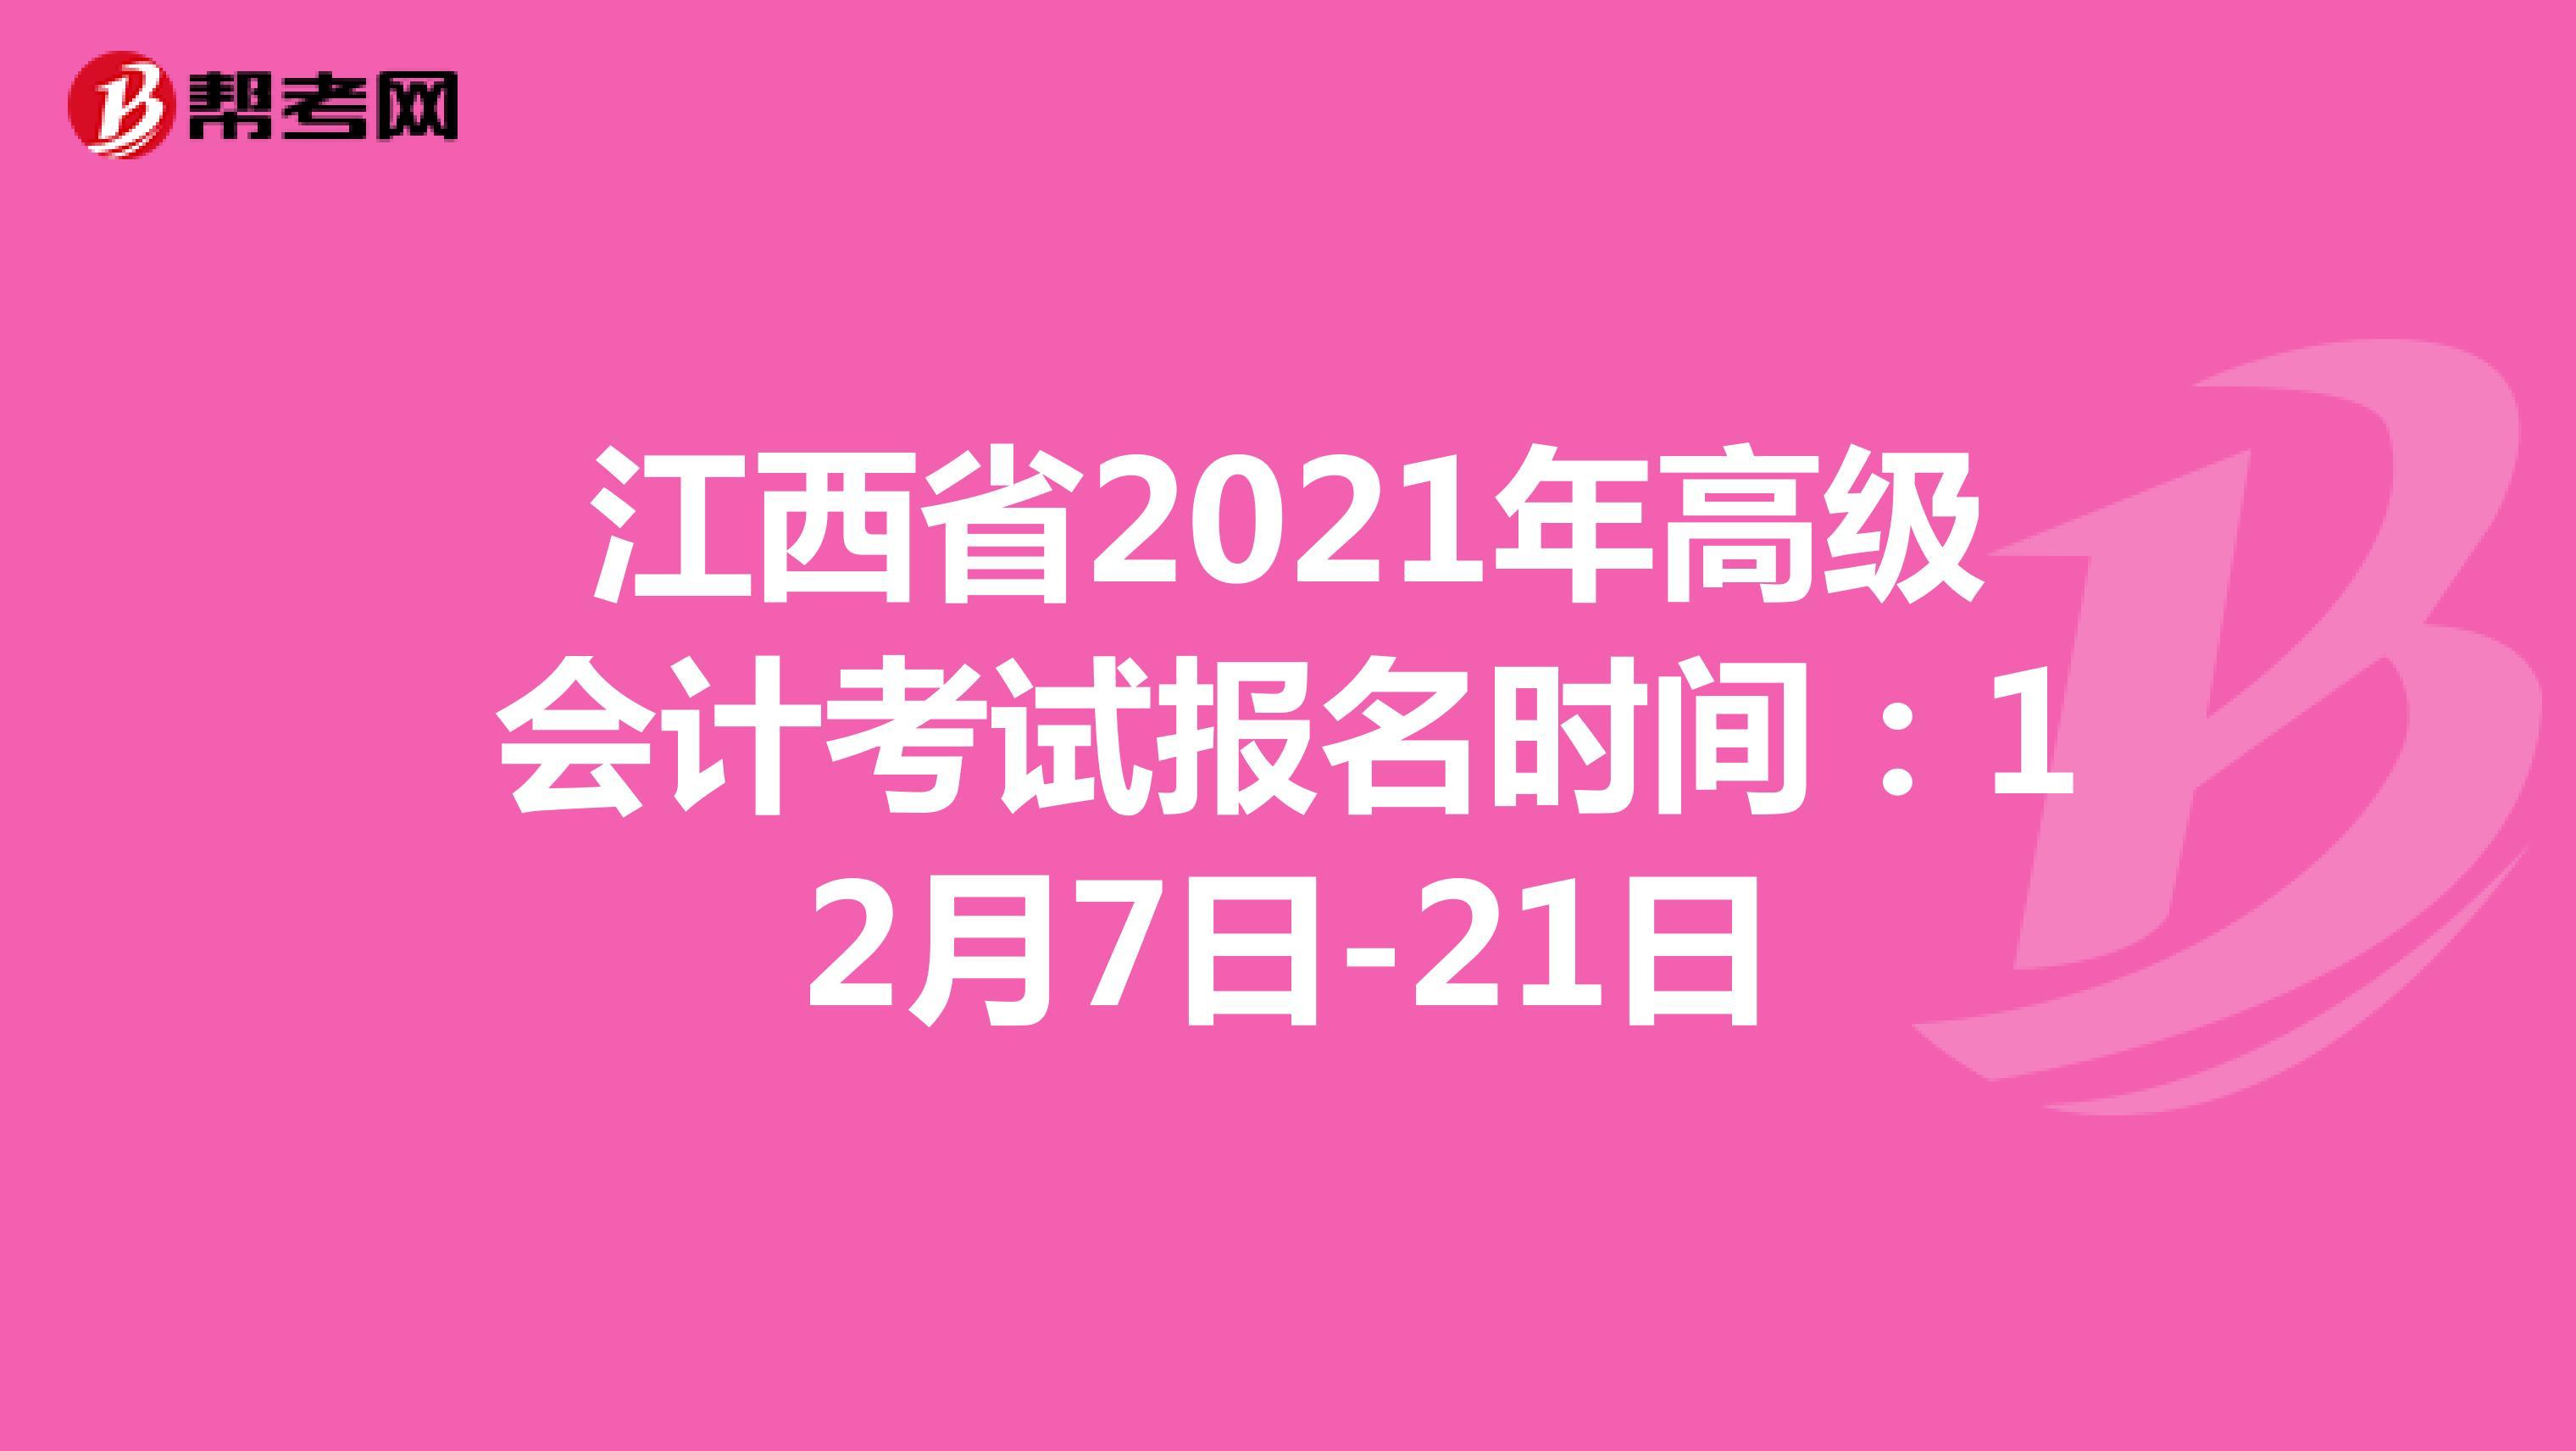 江西省2021年高级会计考试报名时间:12月7日-21日